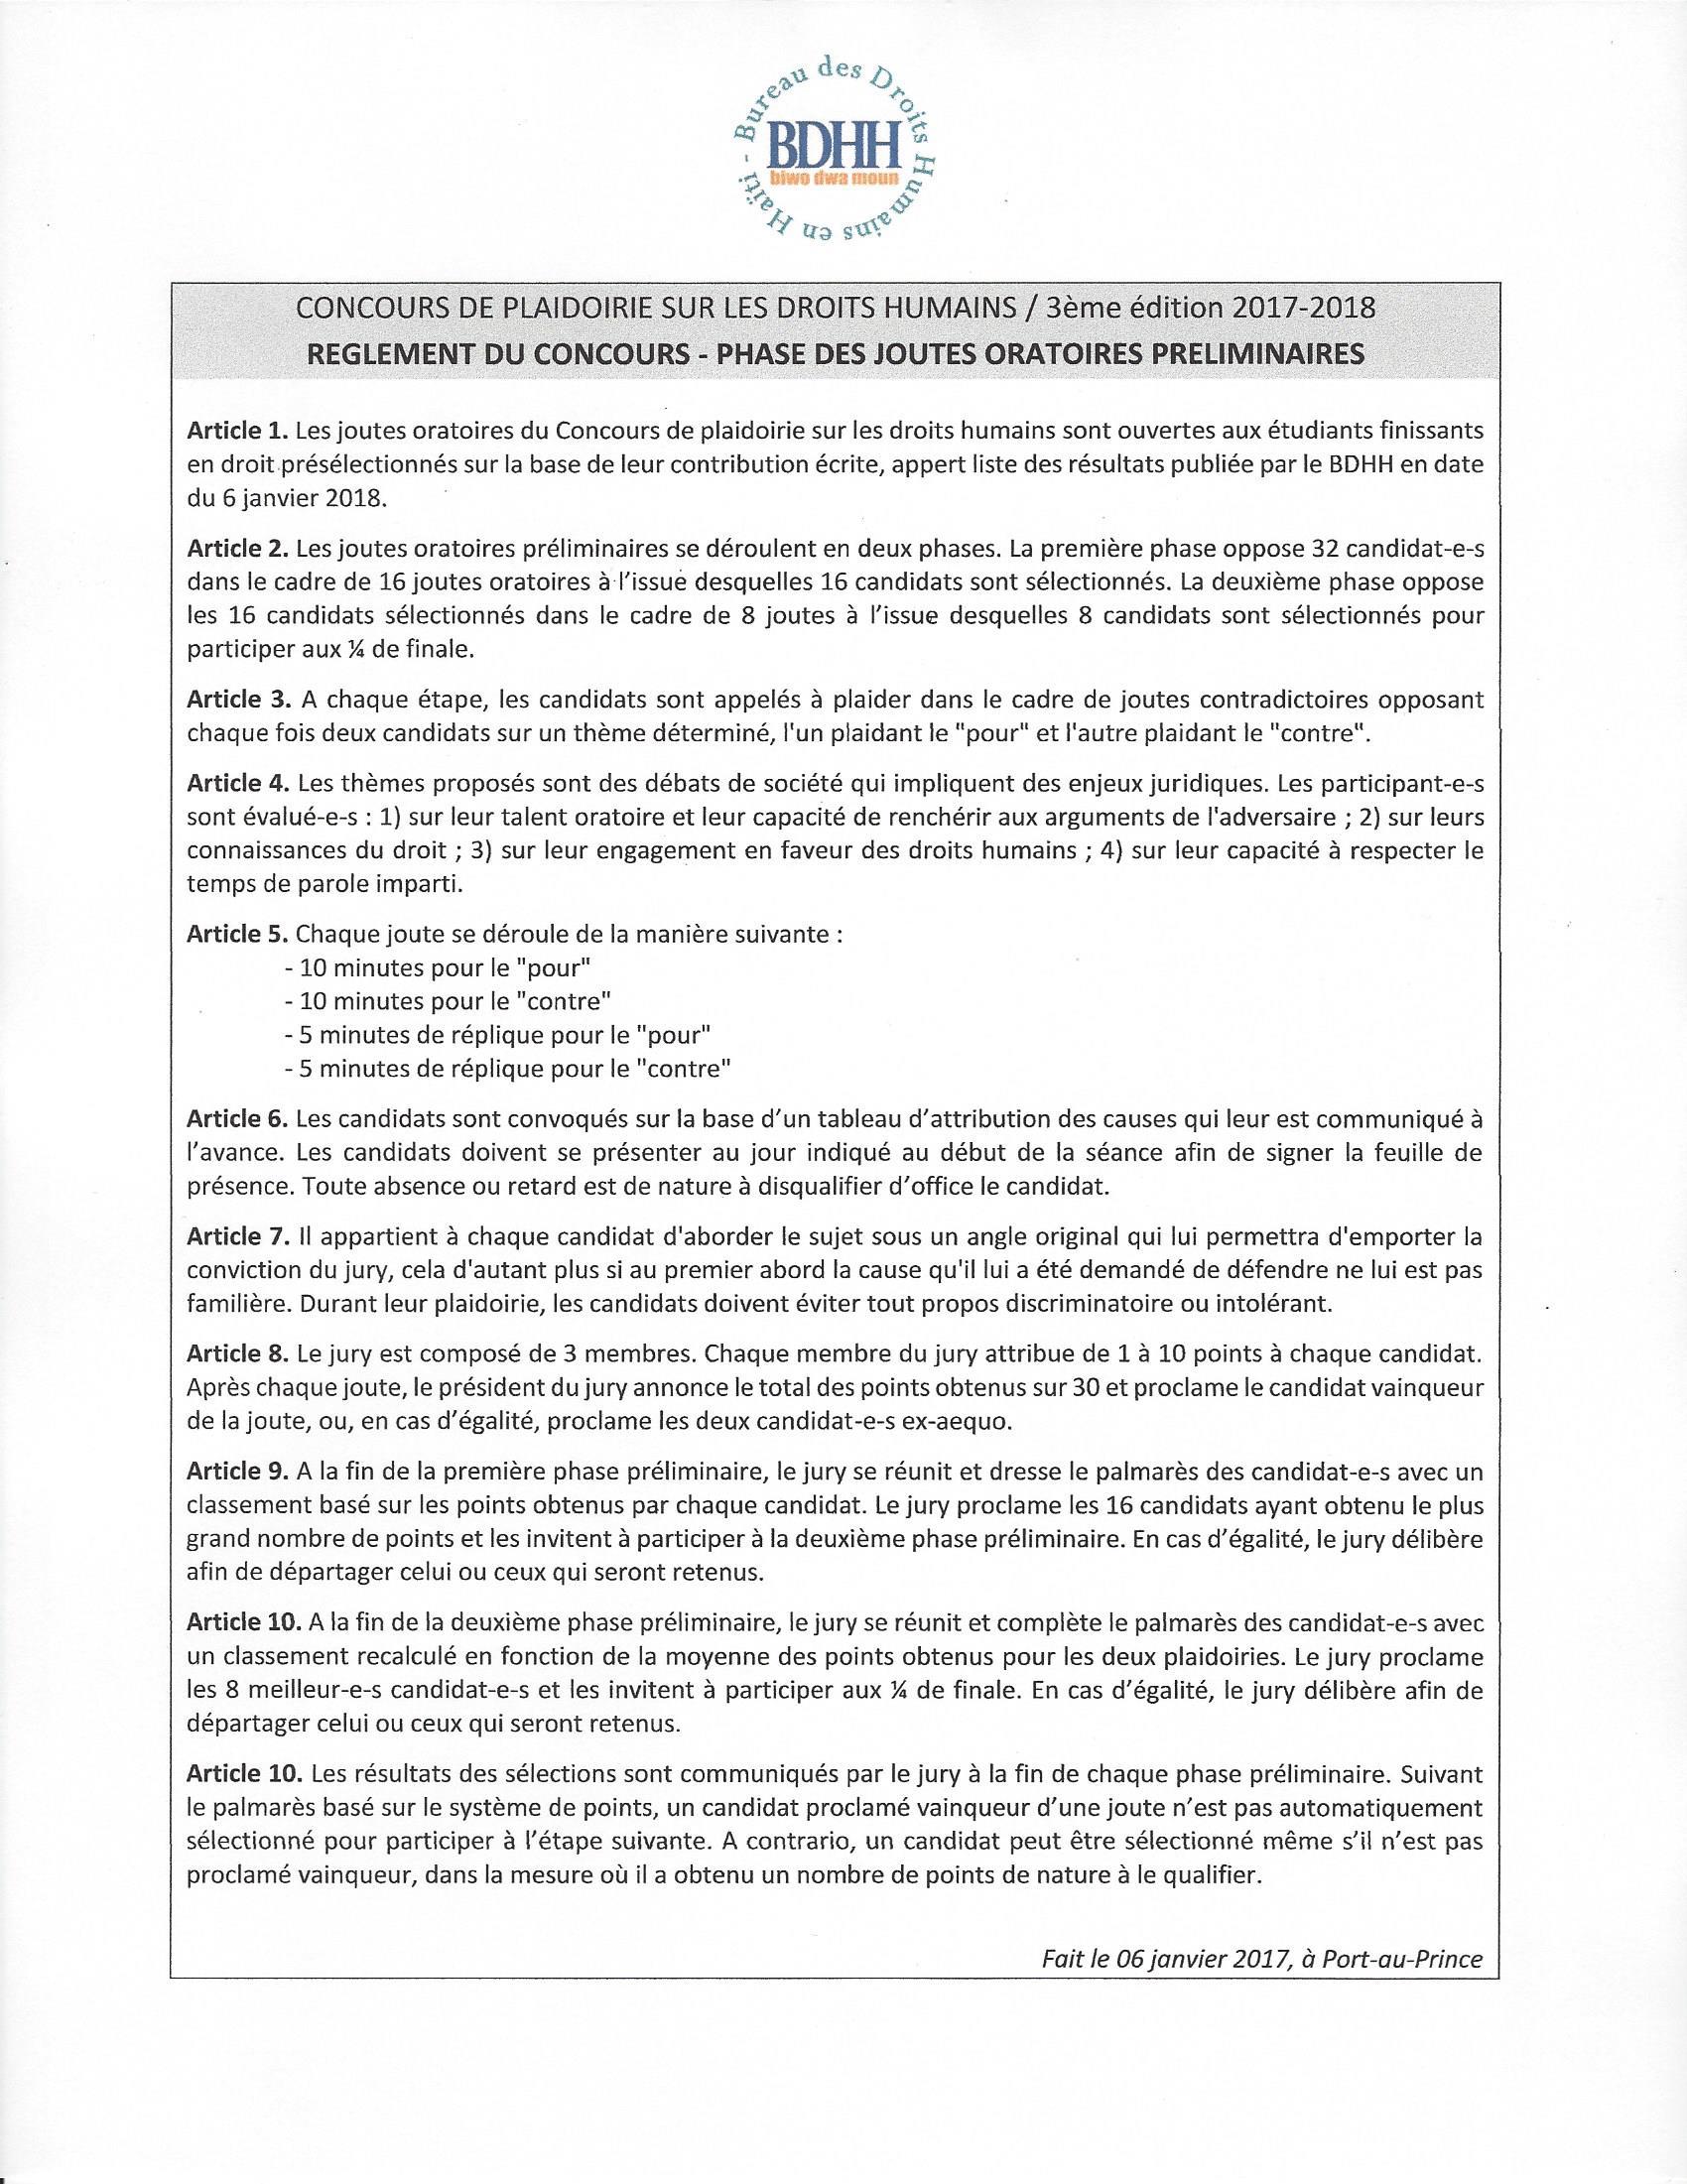 Bureau des droits humains en ha ti bdhh biwo dwa moun - Bureau des concours aphp ...